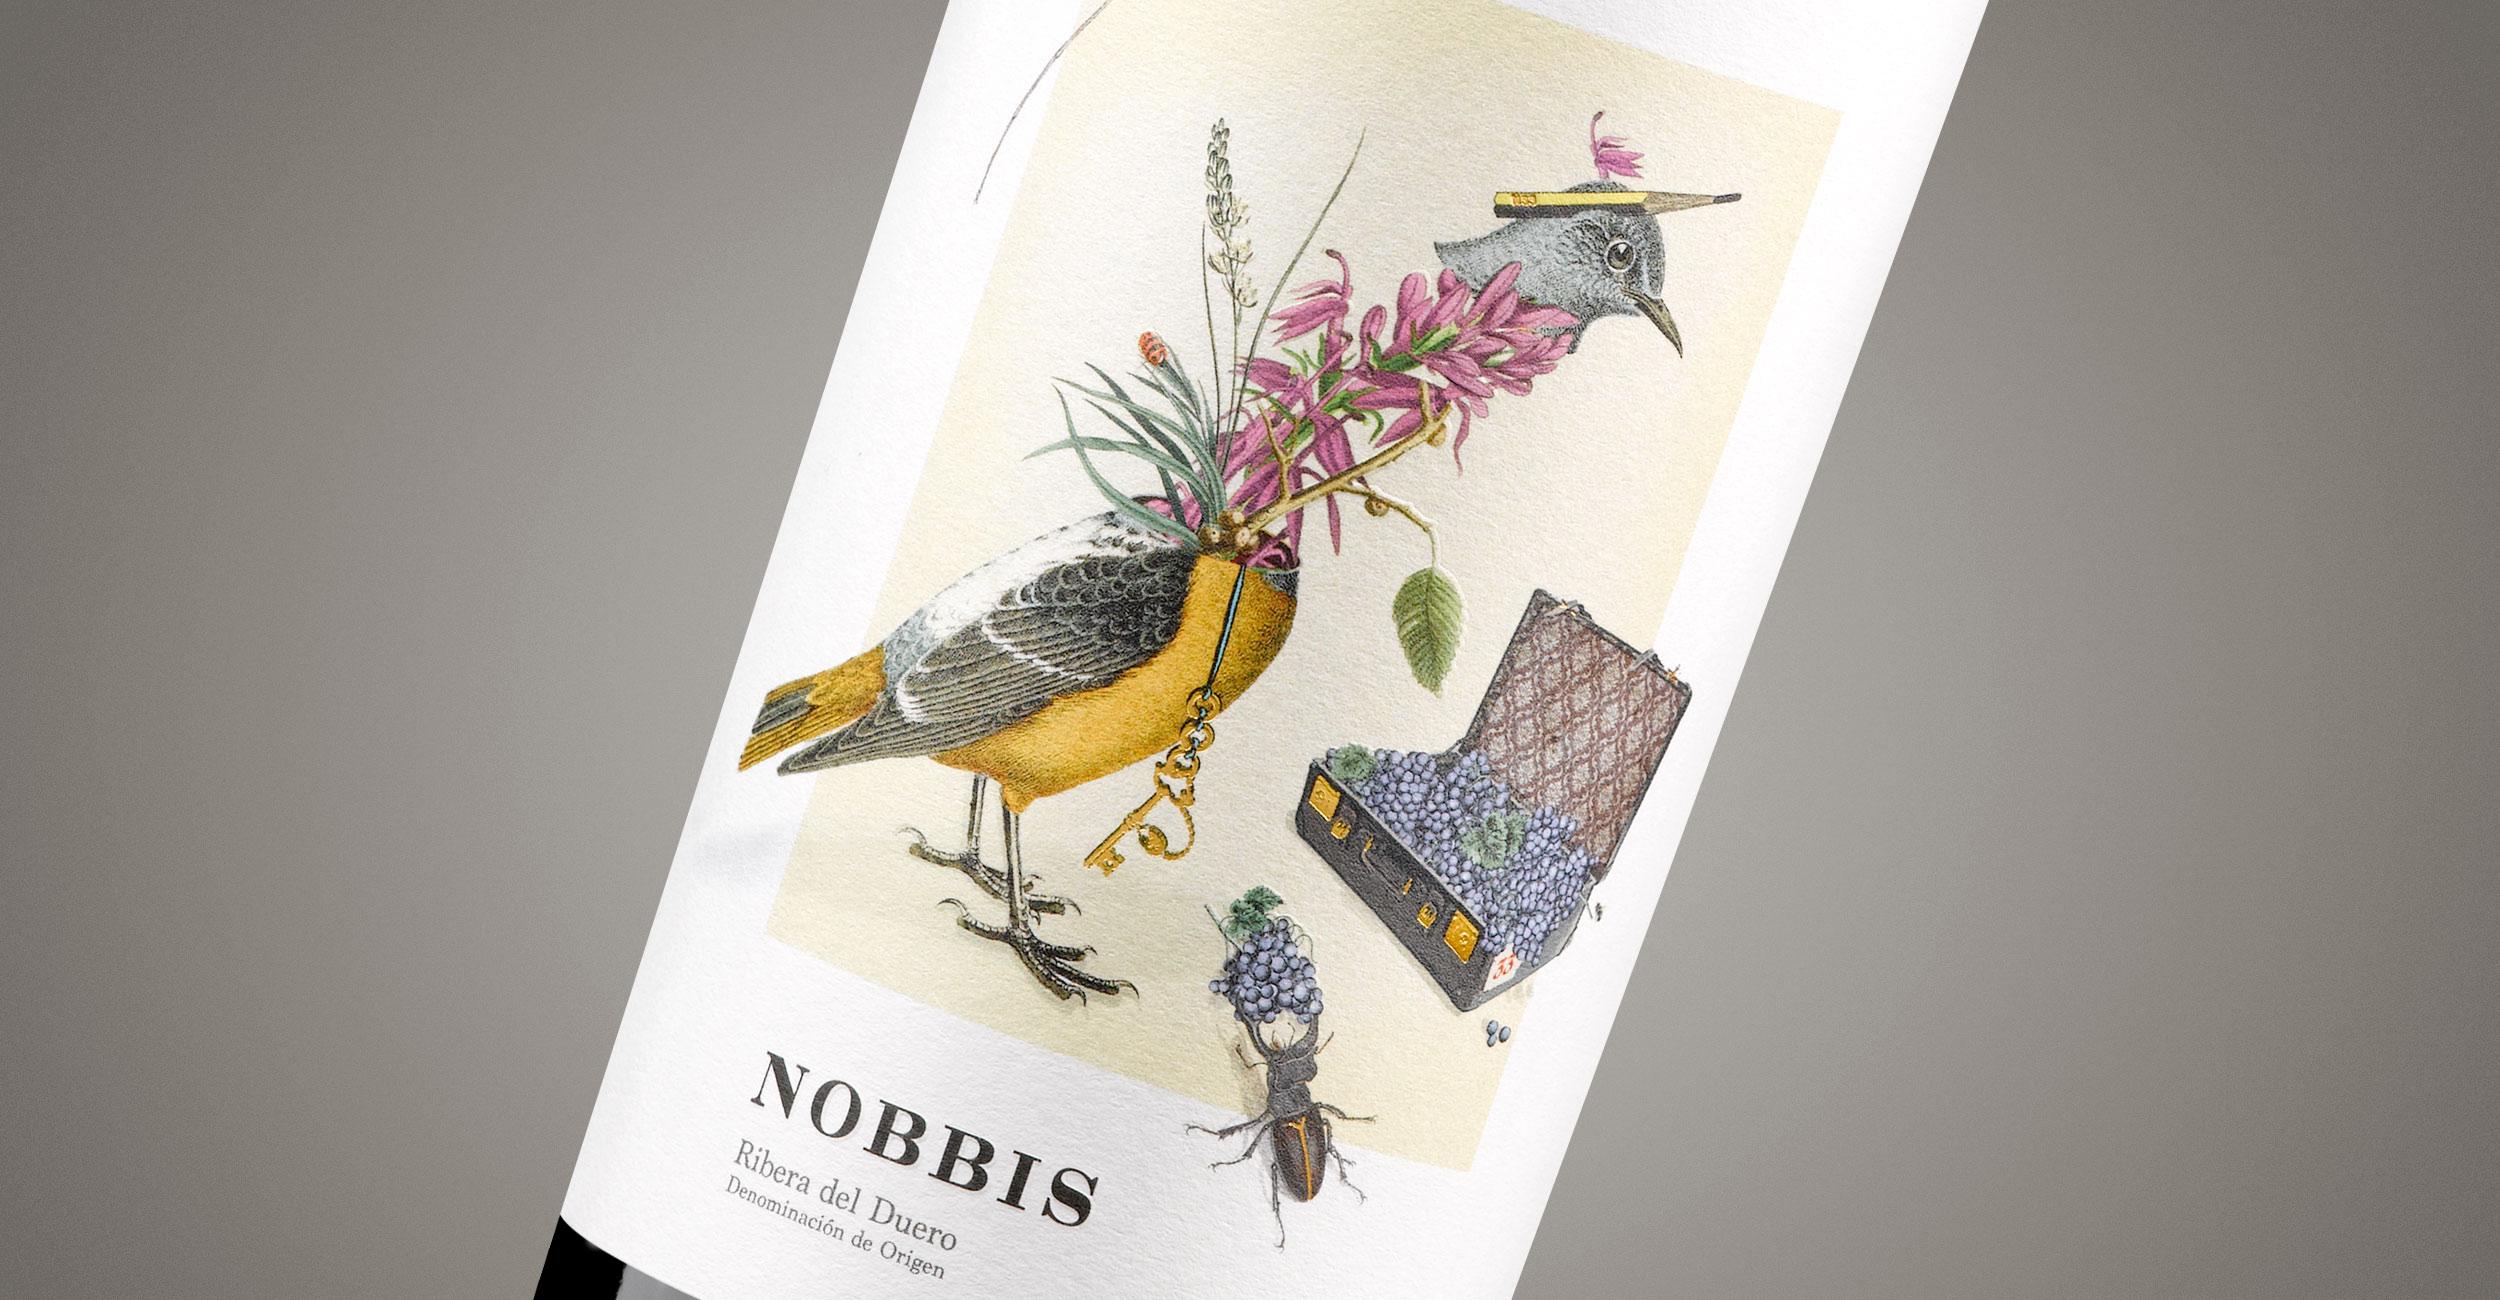 Nobbis